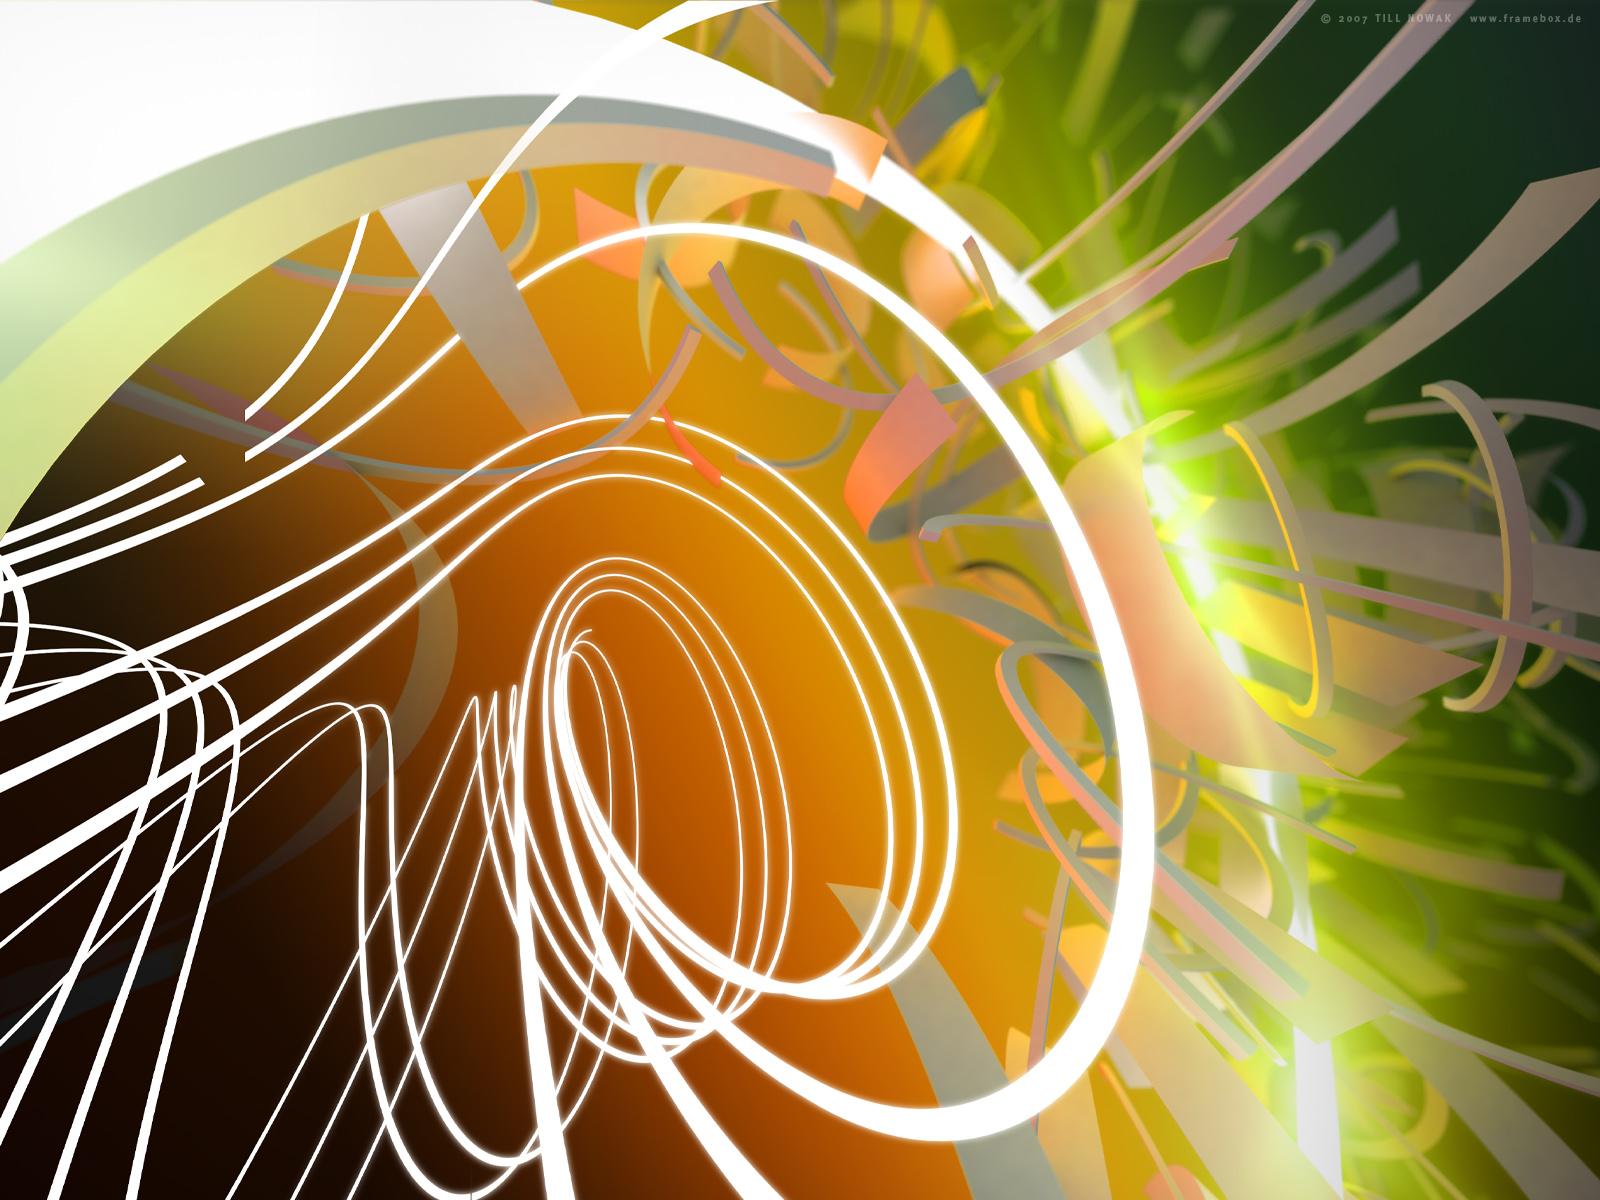 Vortex wallpapers Vortex stock photos 1600x1200